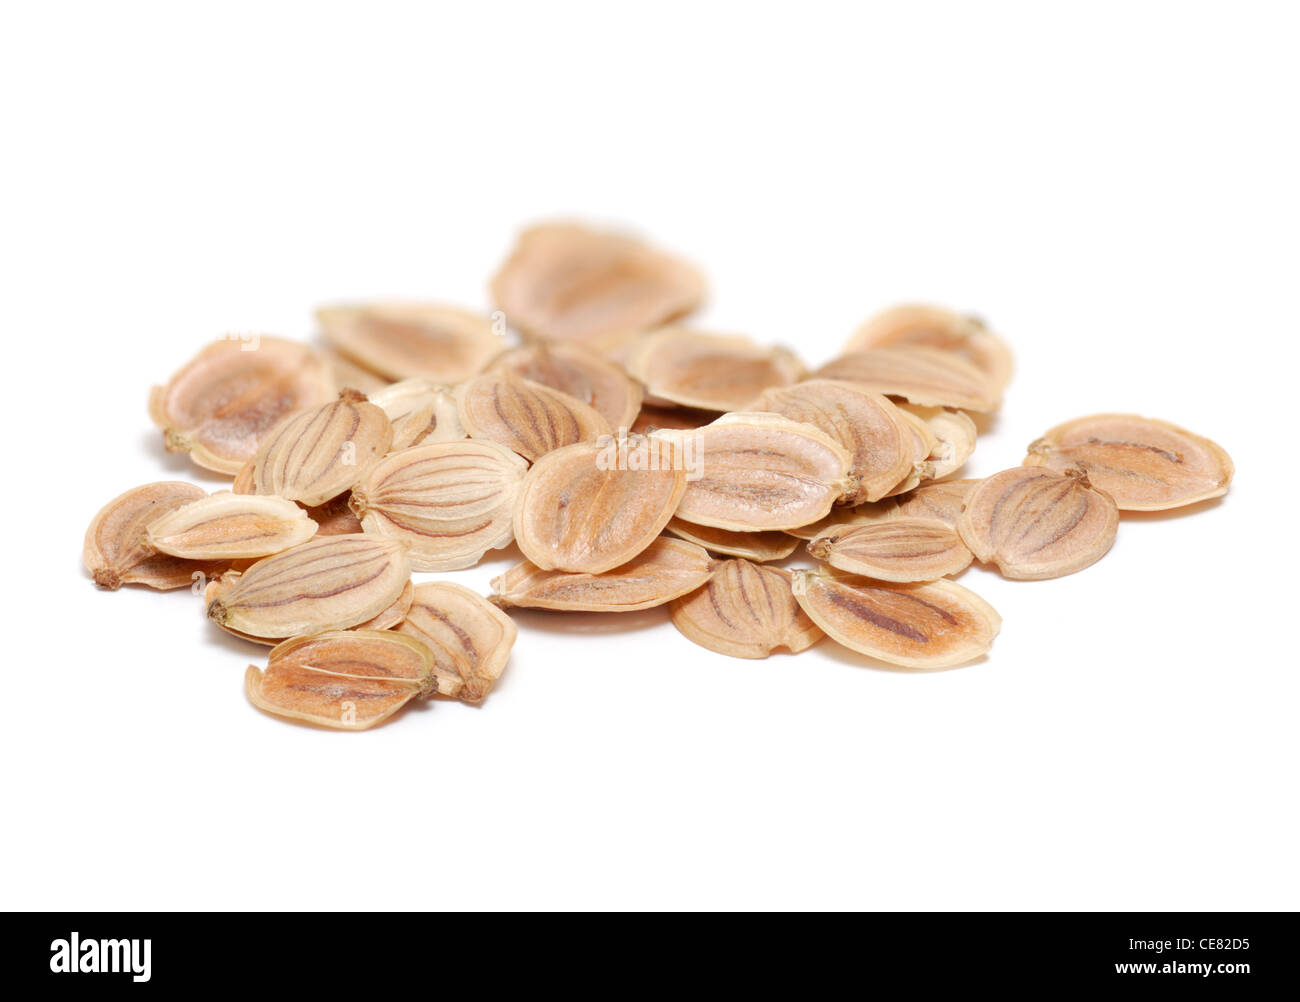 La alcachofa semillas sobre blanco Imagen De Stock